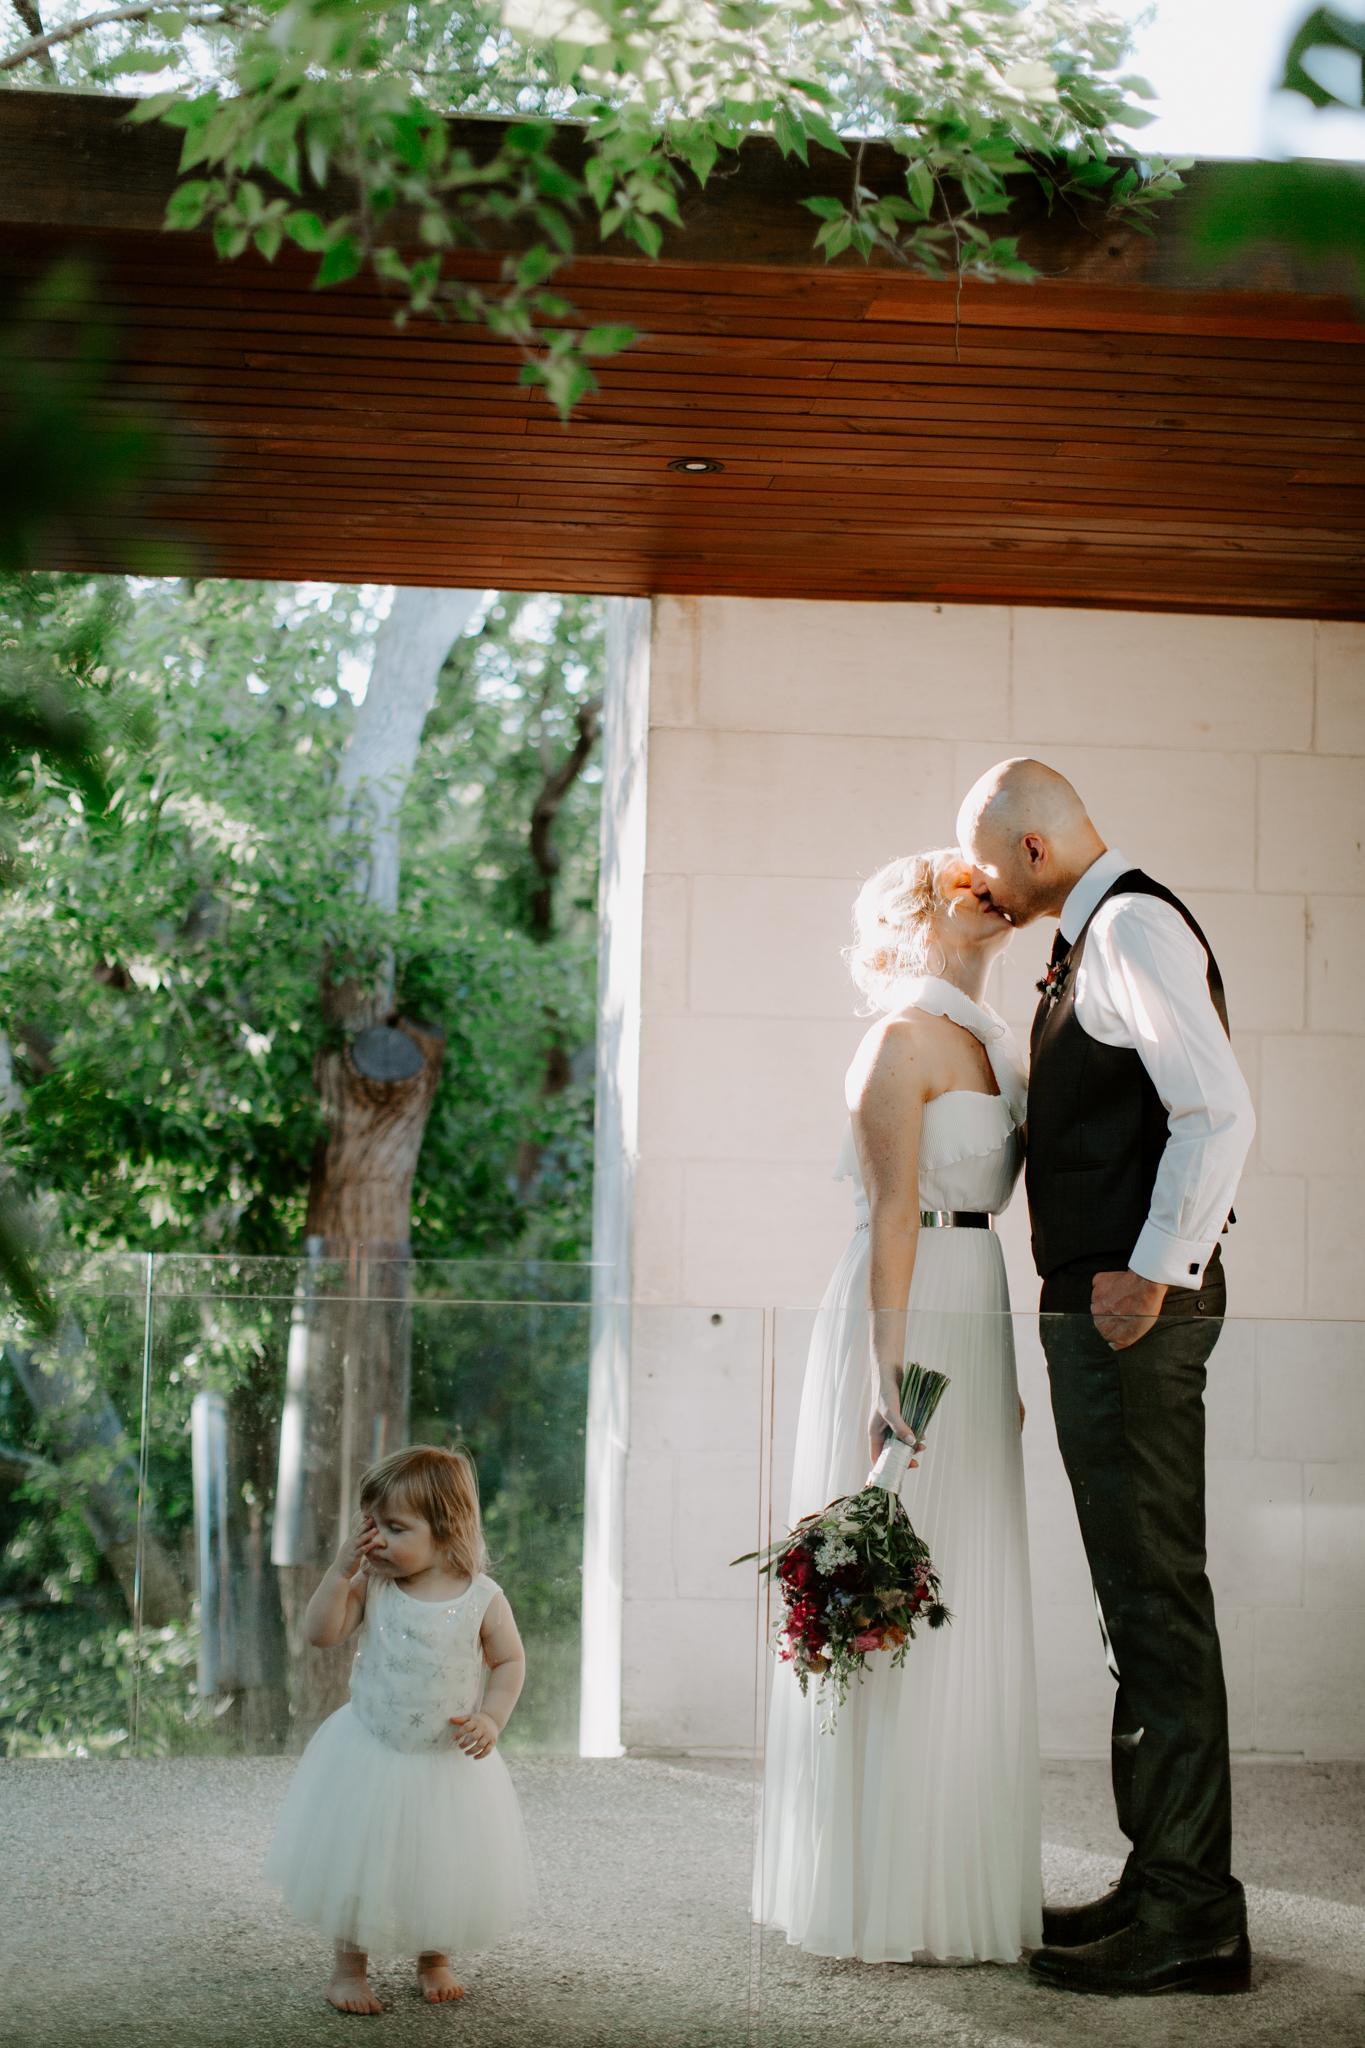 Heide-Museum-of-Modern-Art-Wedding-Emotions-and-Math-084.jpg